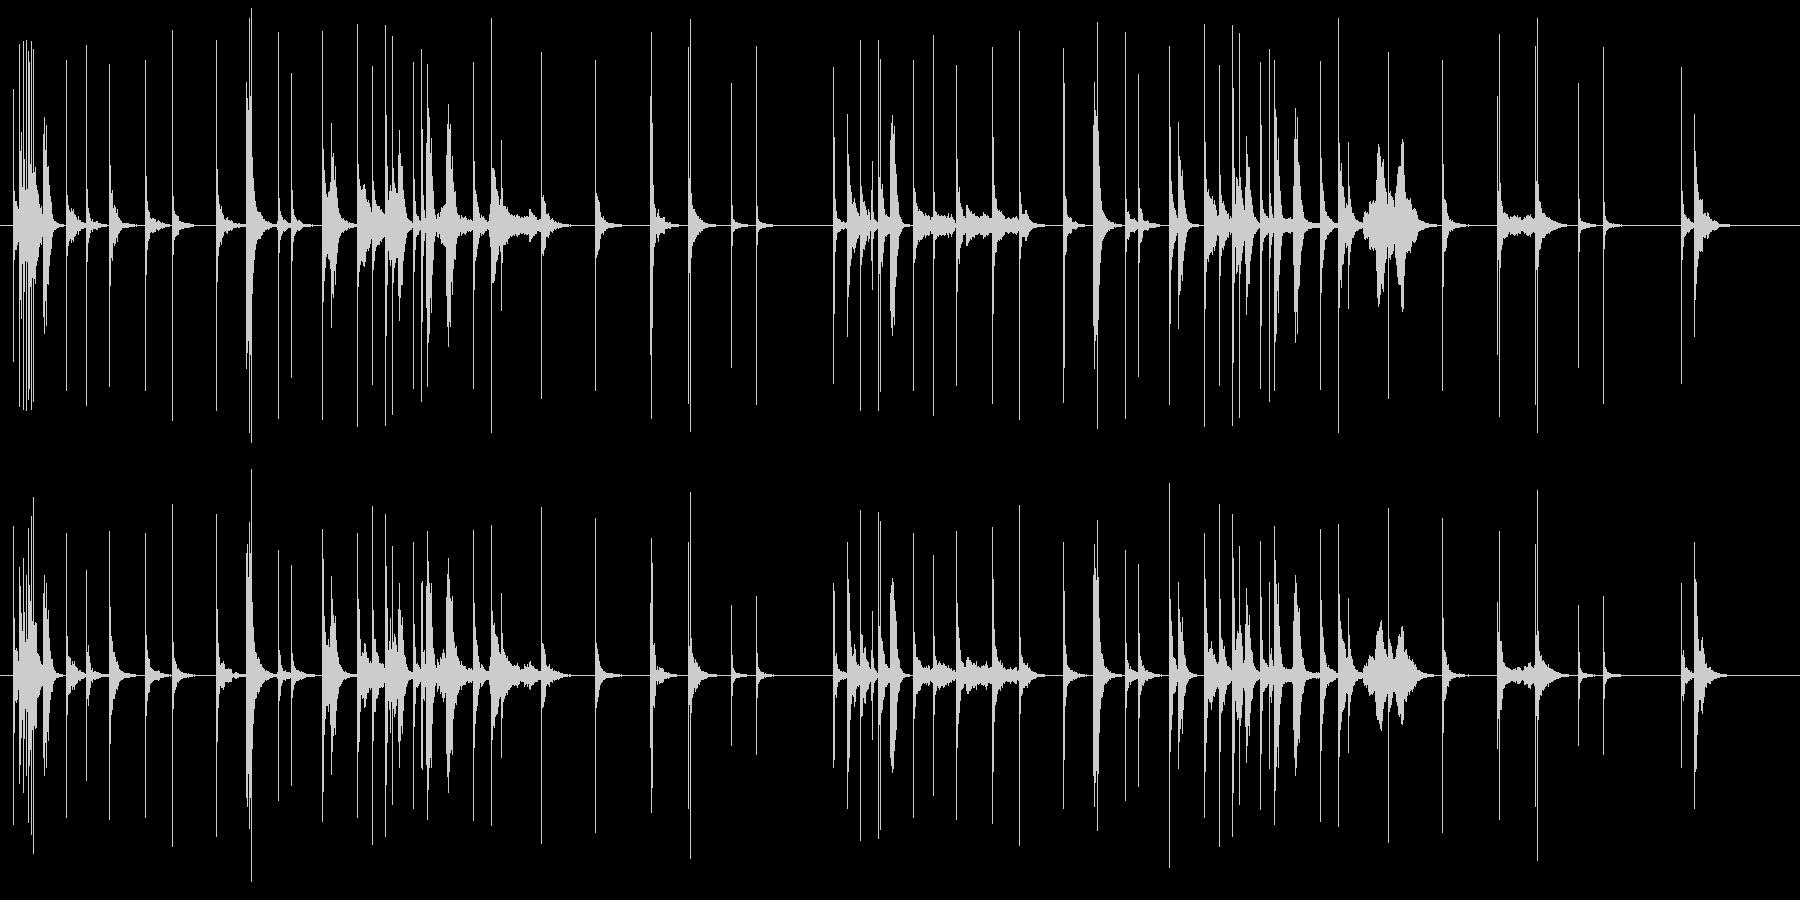 三味線が静けさの中に鳴り響く曲の未再生の波形